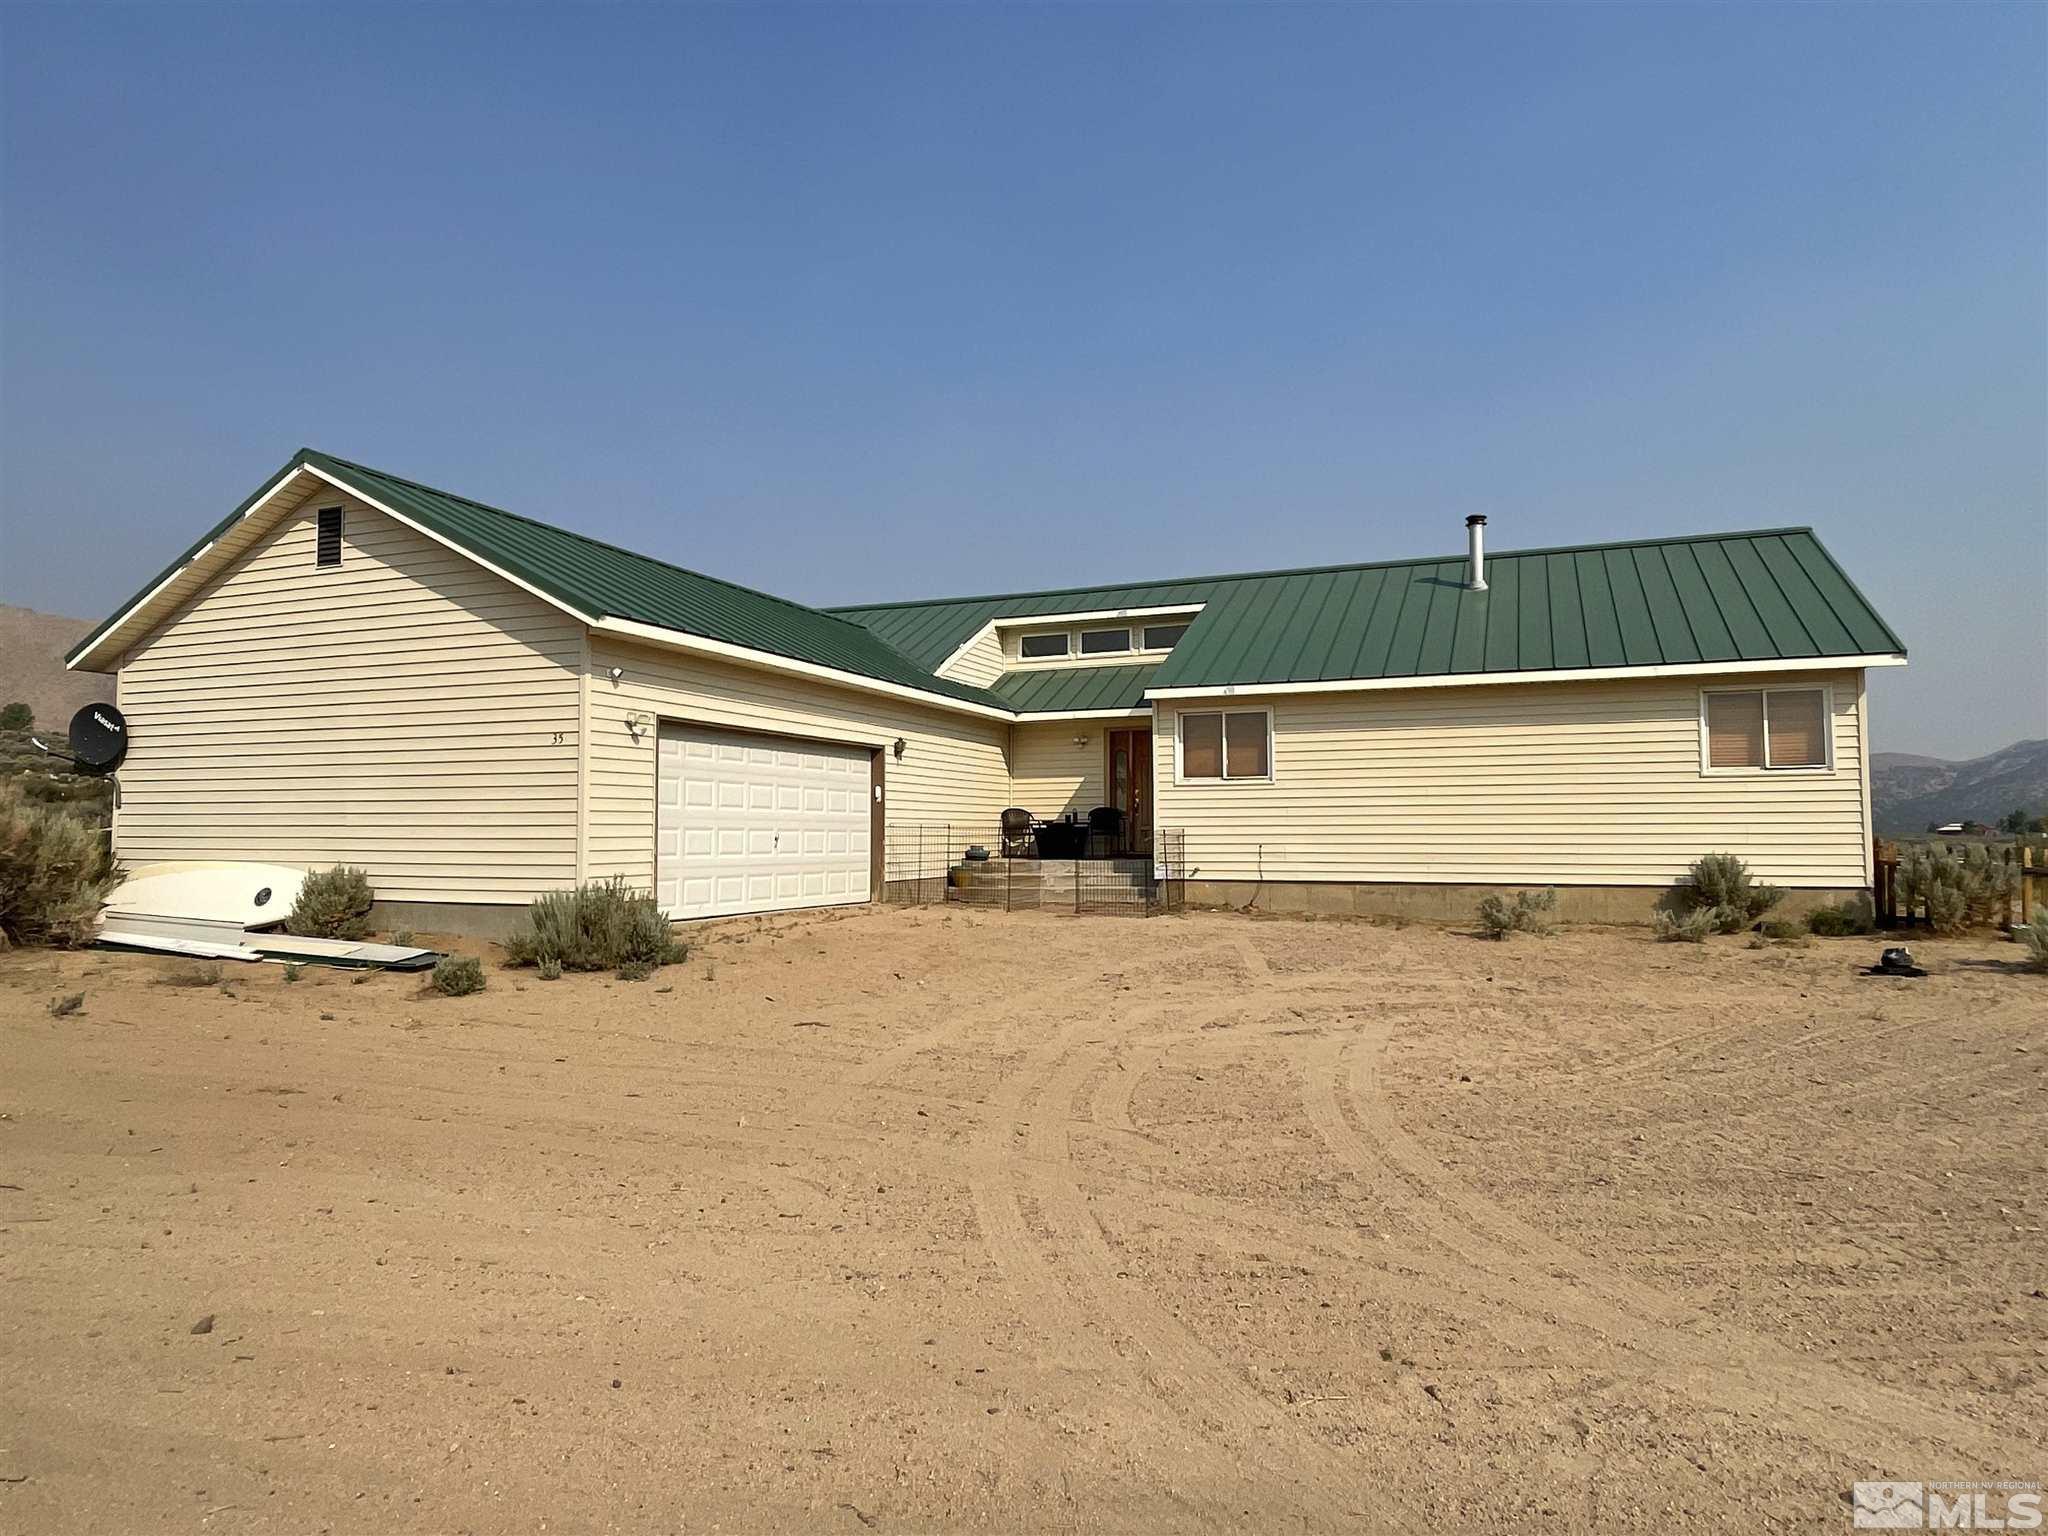 Image for 35 Gymkhana Ln, Reno, NV 89508-9579